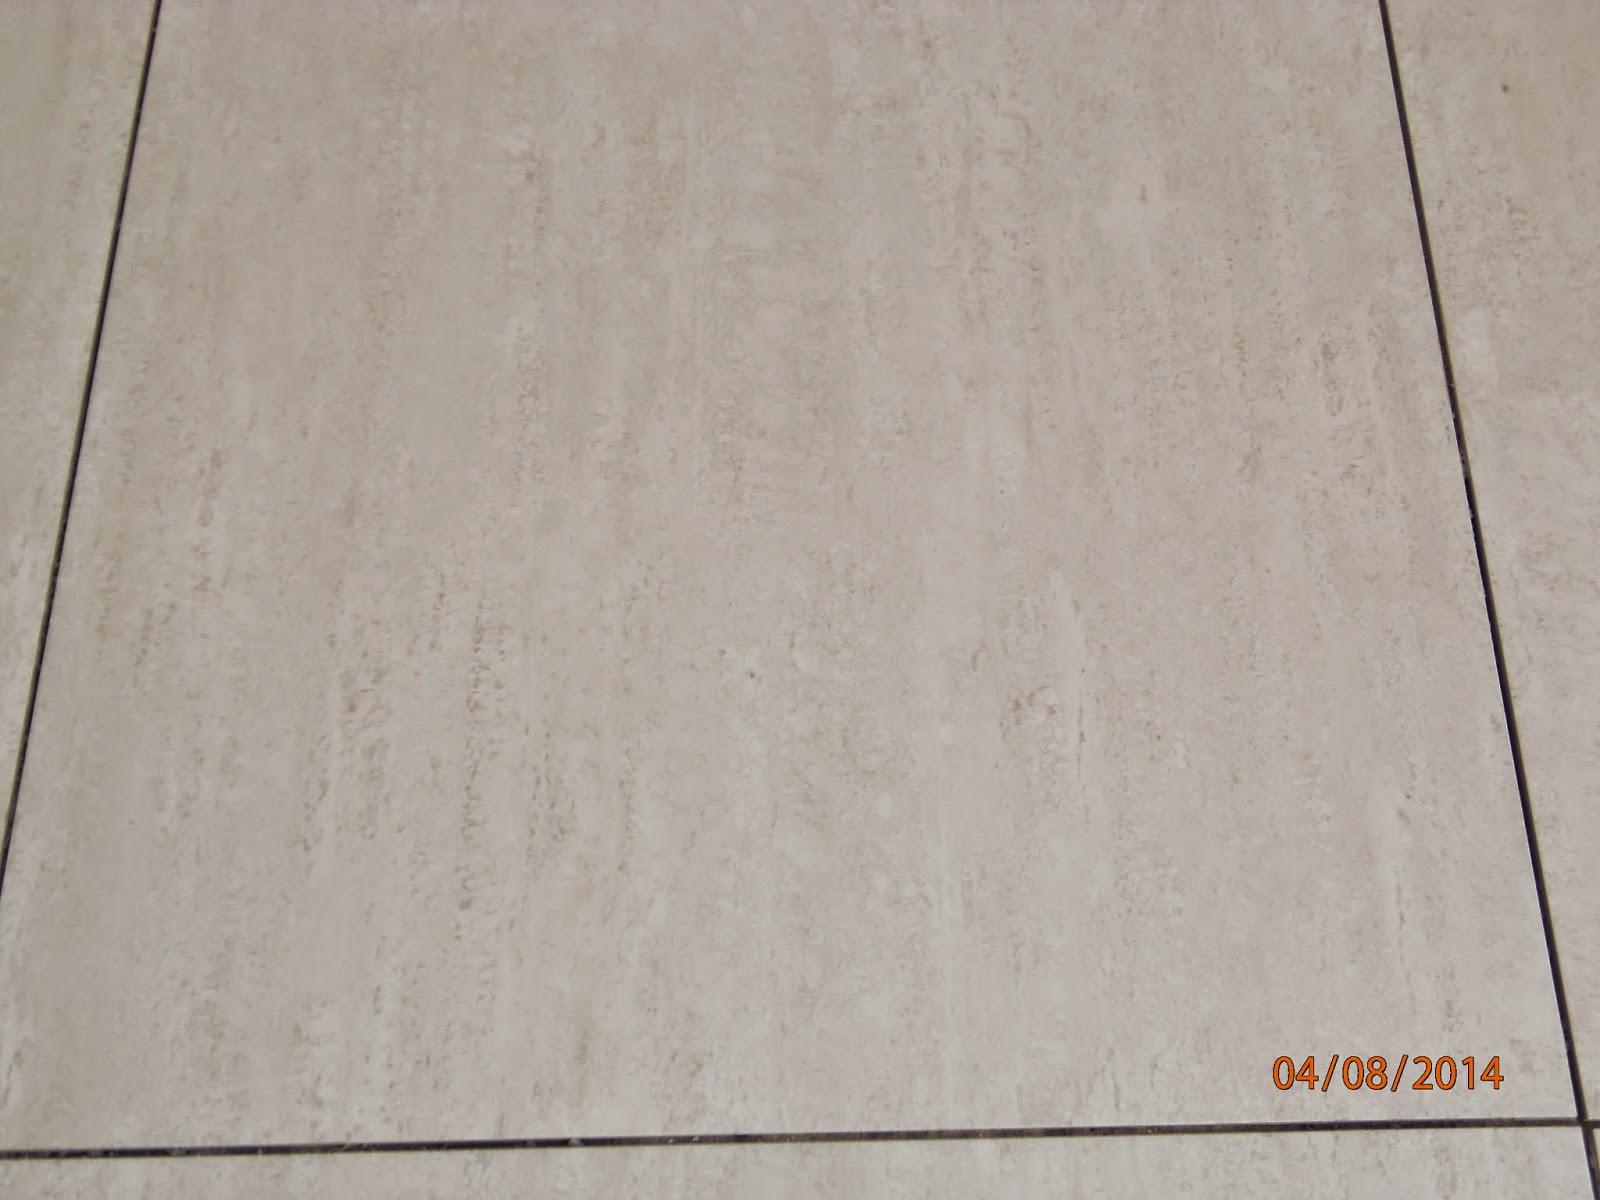 Porcelanato da cozinha 62x62 esmaltado (ainda sem rejunte e sujo) #B44C12 1600x1200 Banheiro Branco Com Rejunte Cinza